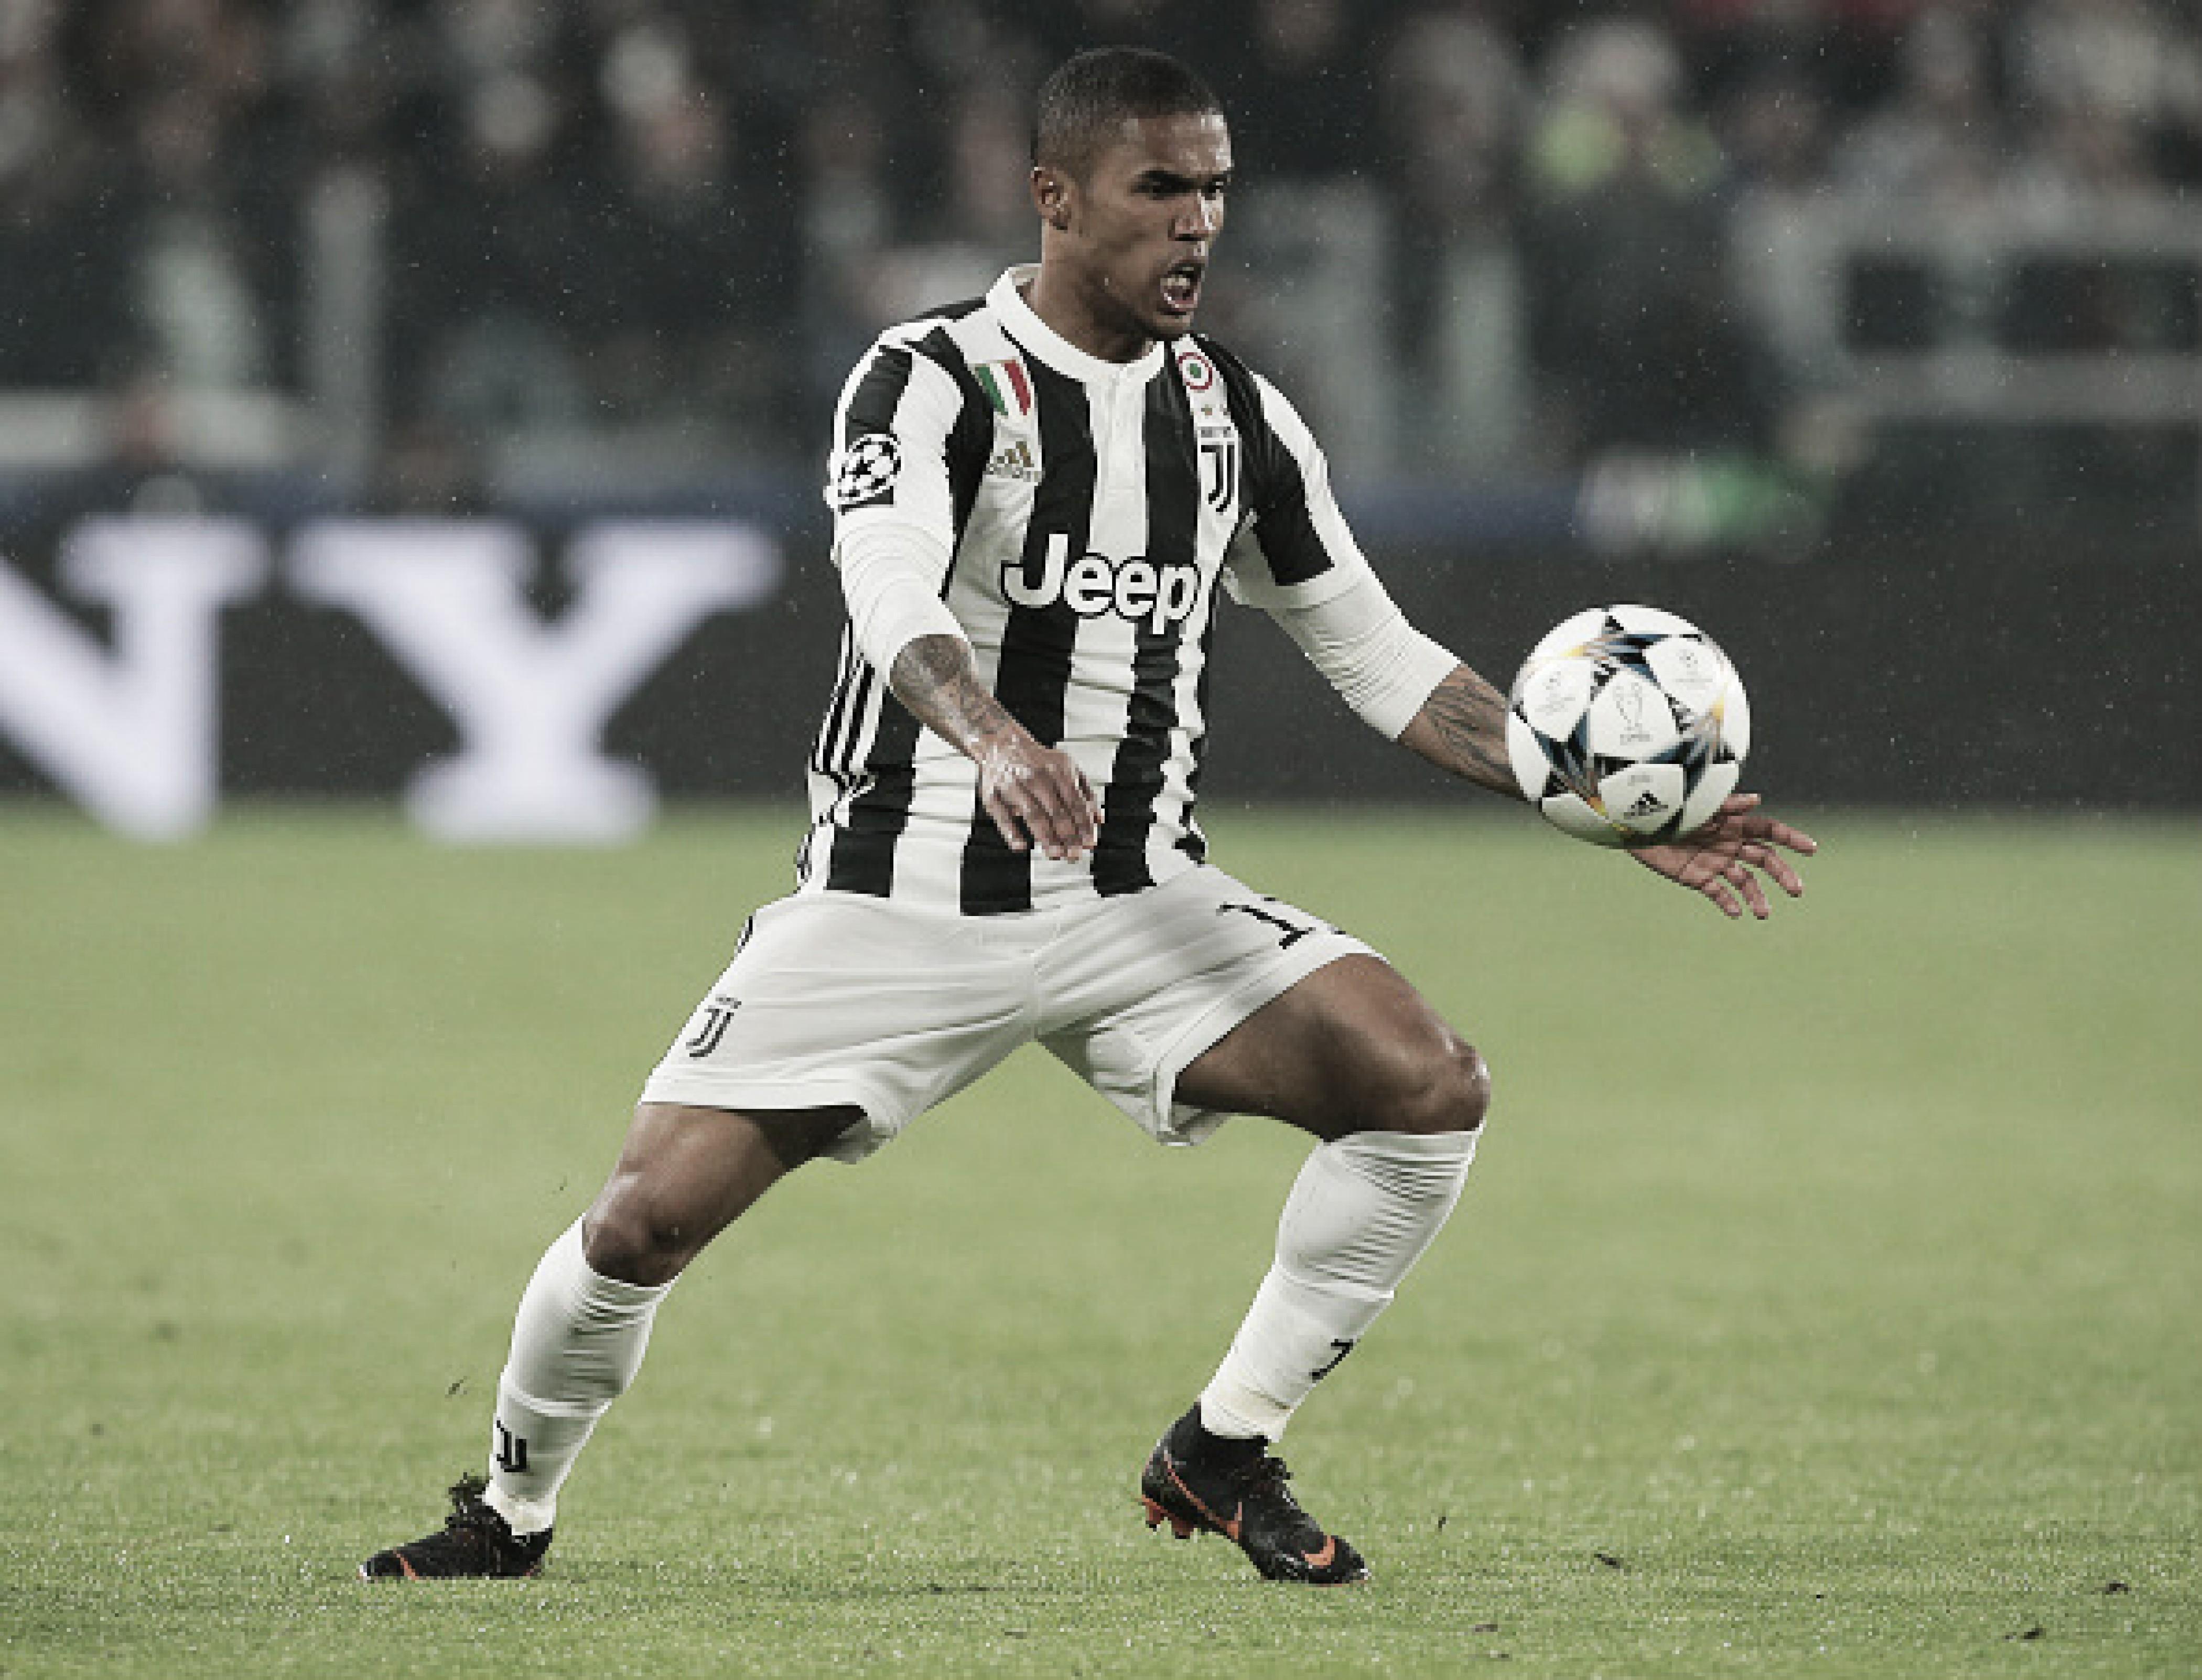 Douglas Costa é suspenso por quatro partidas após cusparada em jogo da Juventus